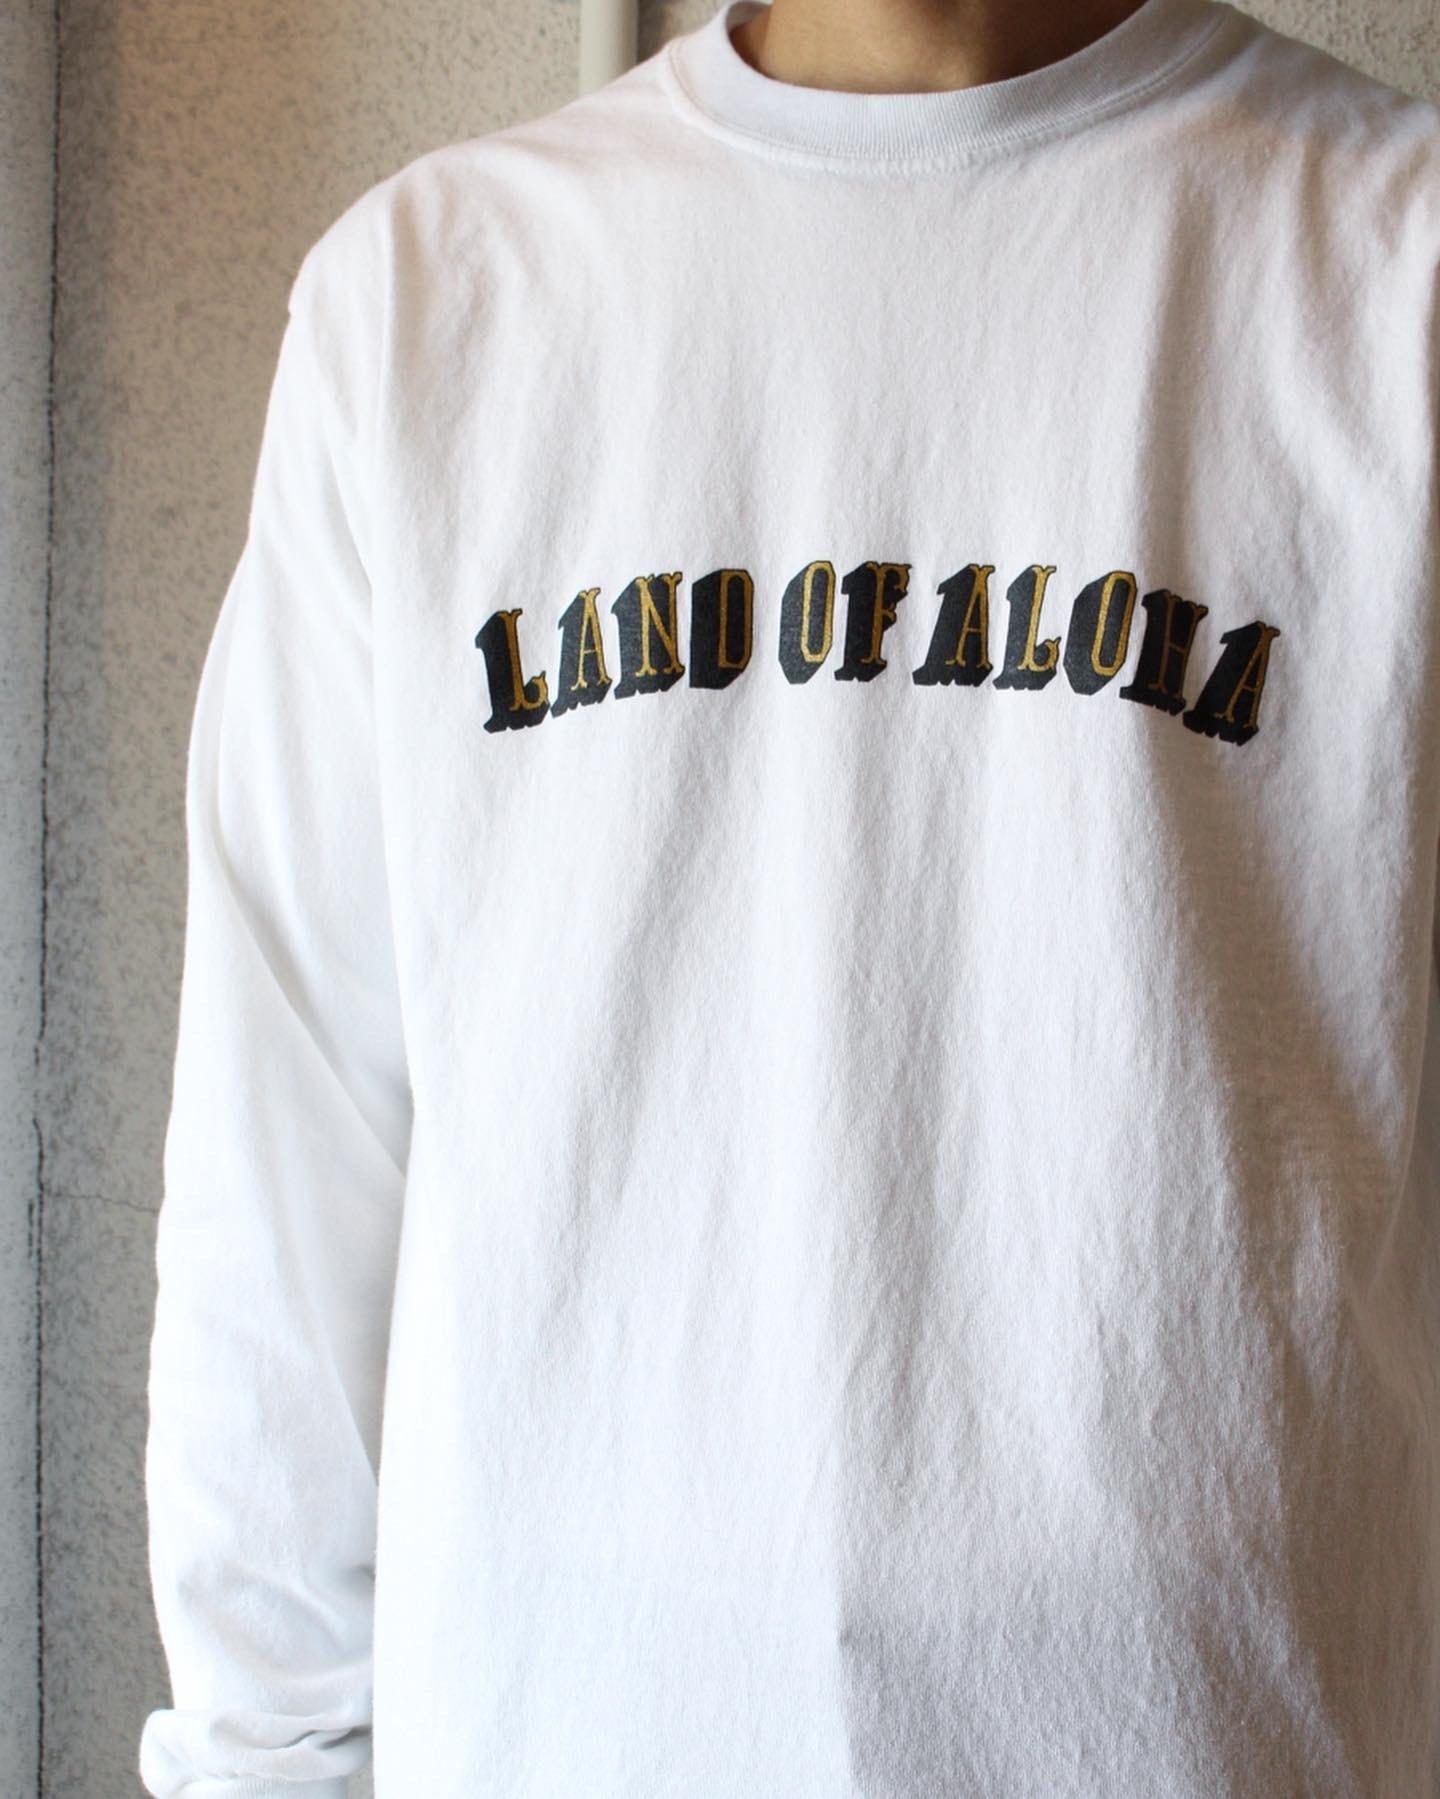 FUNG(ファング) / Print  L/S T-Shirts(プリント L/S Tシャツ)LAND OF ALOHA